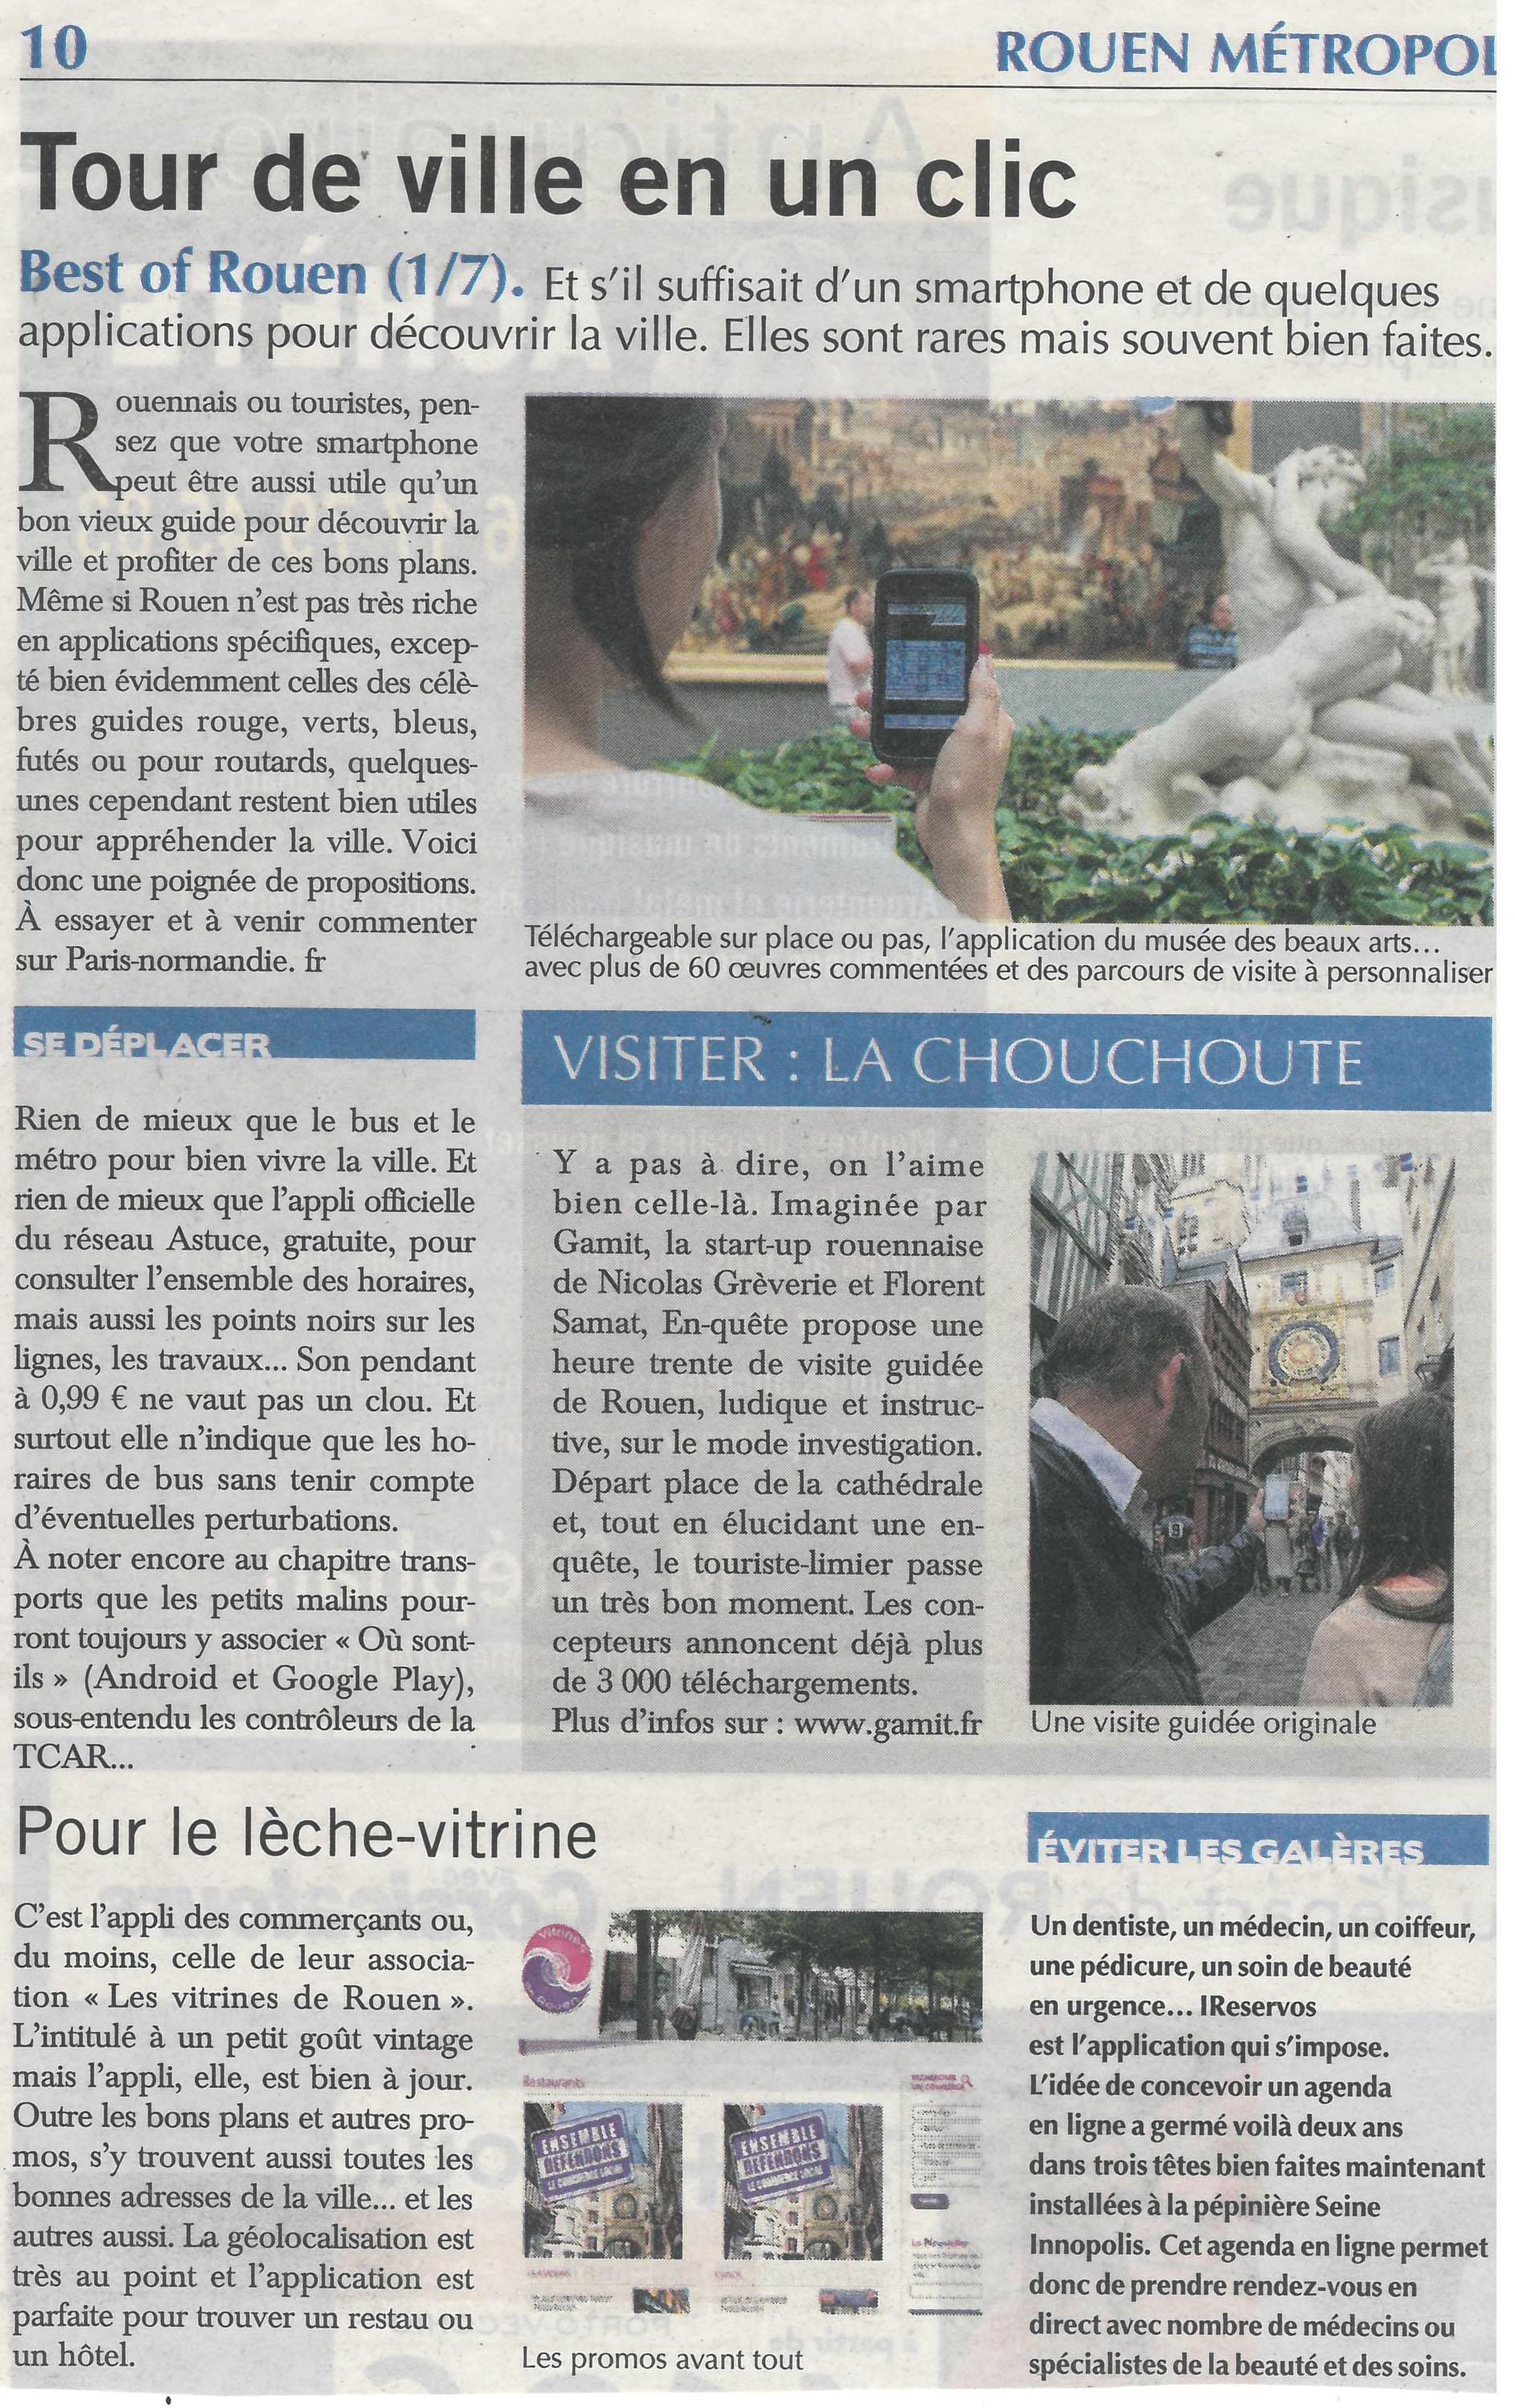 Rsum Lapplication Des Vitrines De Rouen Est Idale Pour Toutes Les Bonnes Adresses La Ville